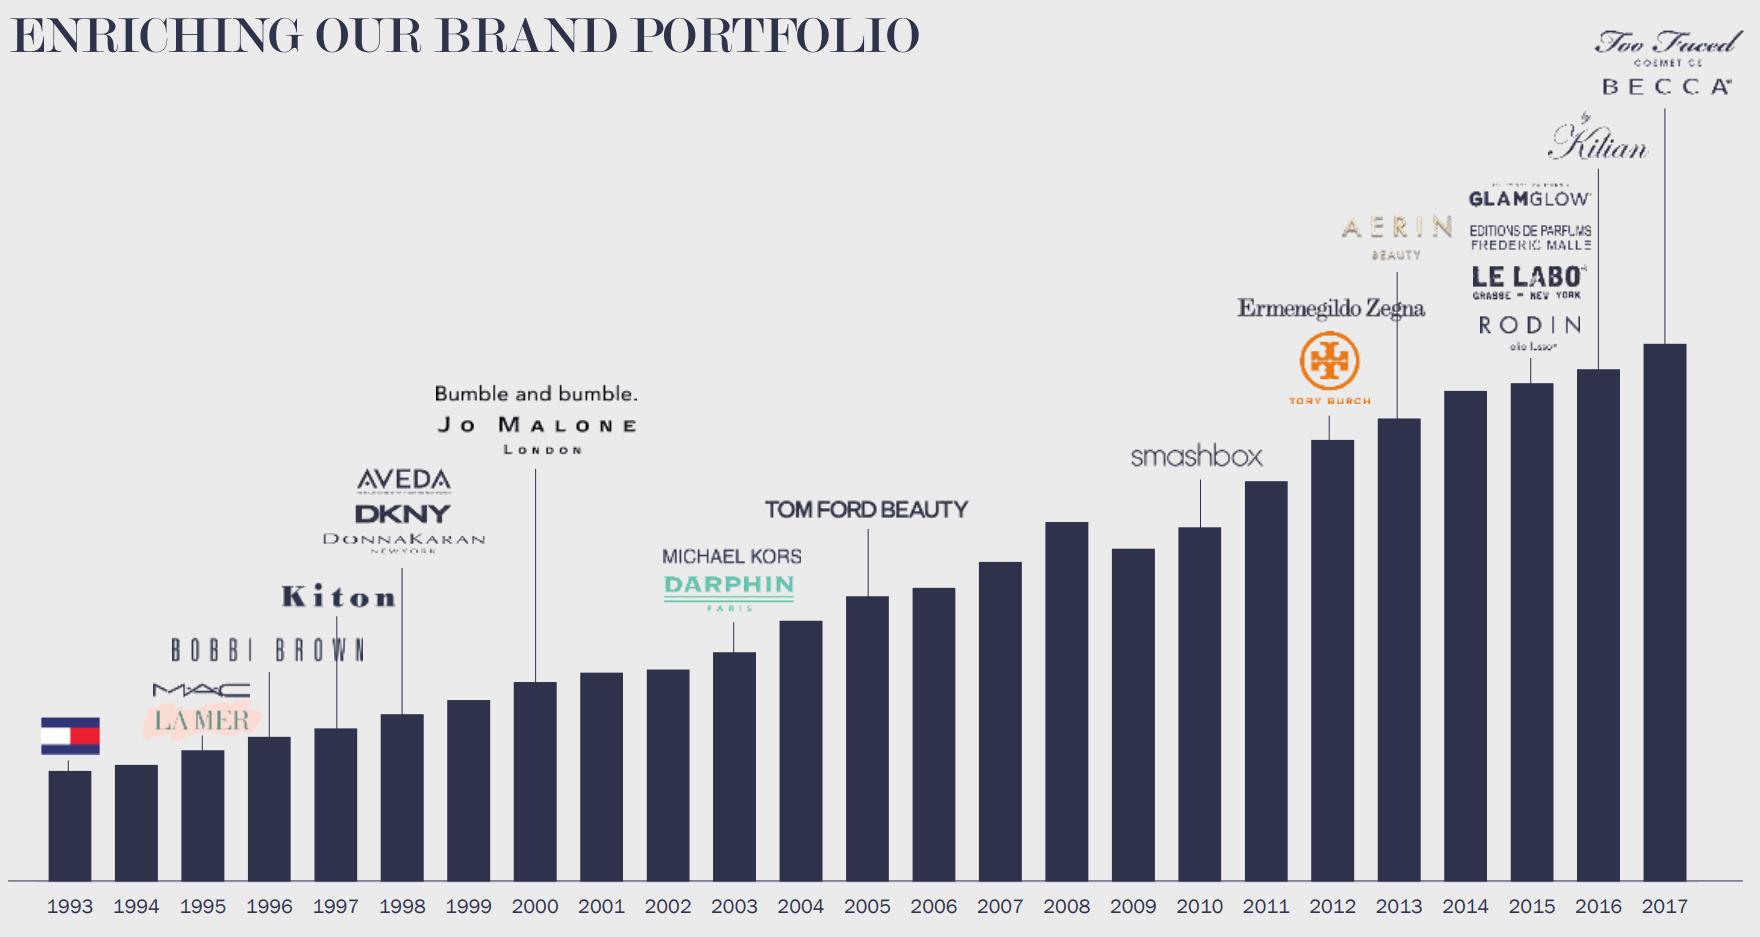 Estee-Lauder-Enriching-Brand-portfolio